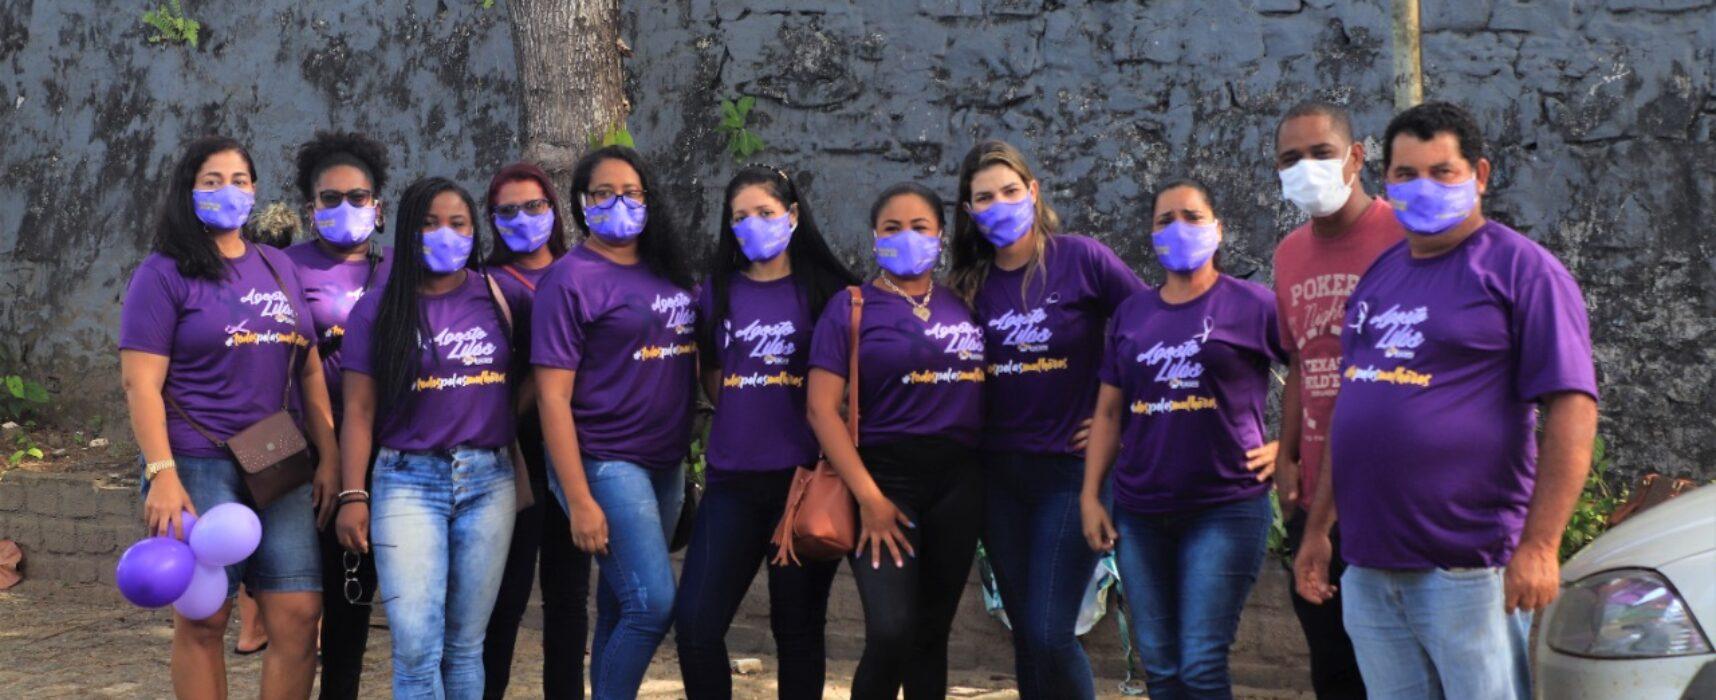 Carreata marcou a abertura do Agosto Lilás em Itacaré